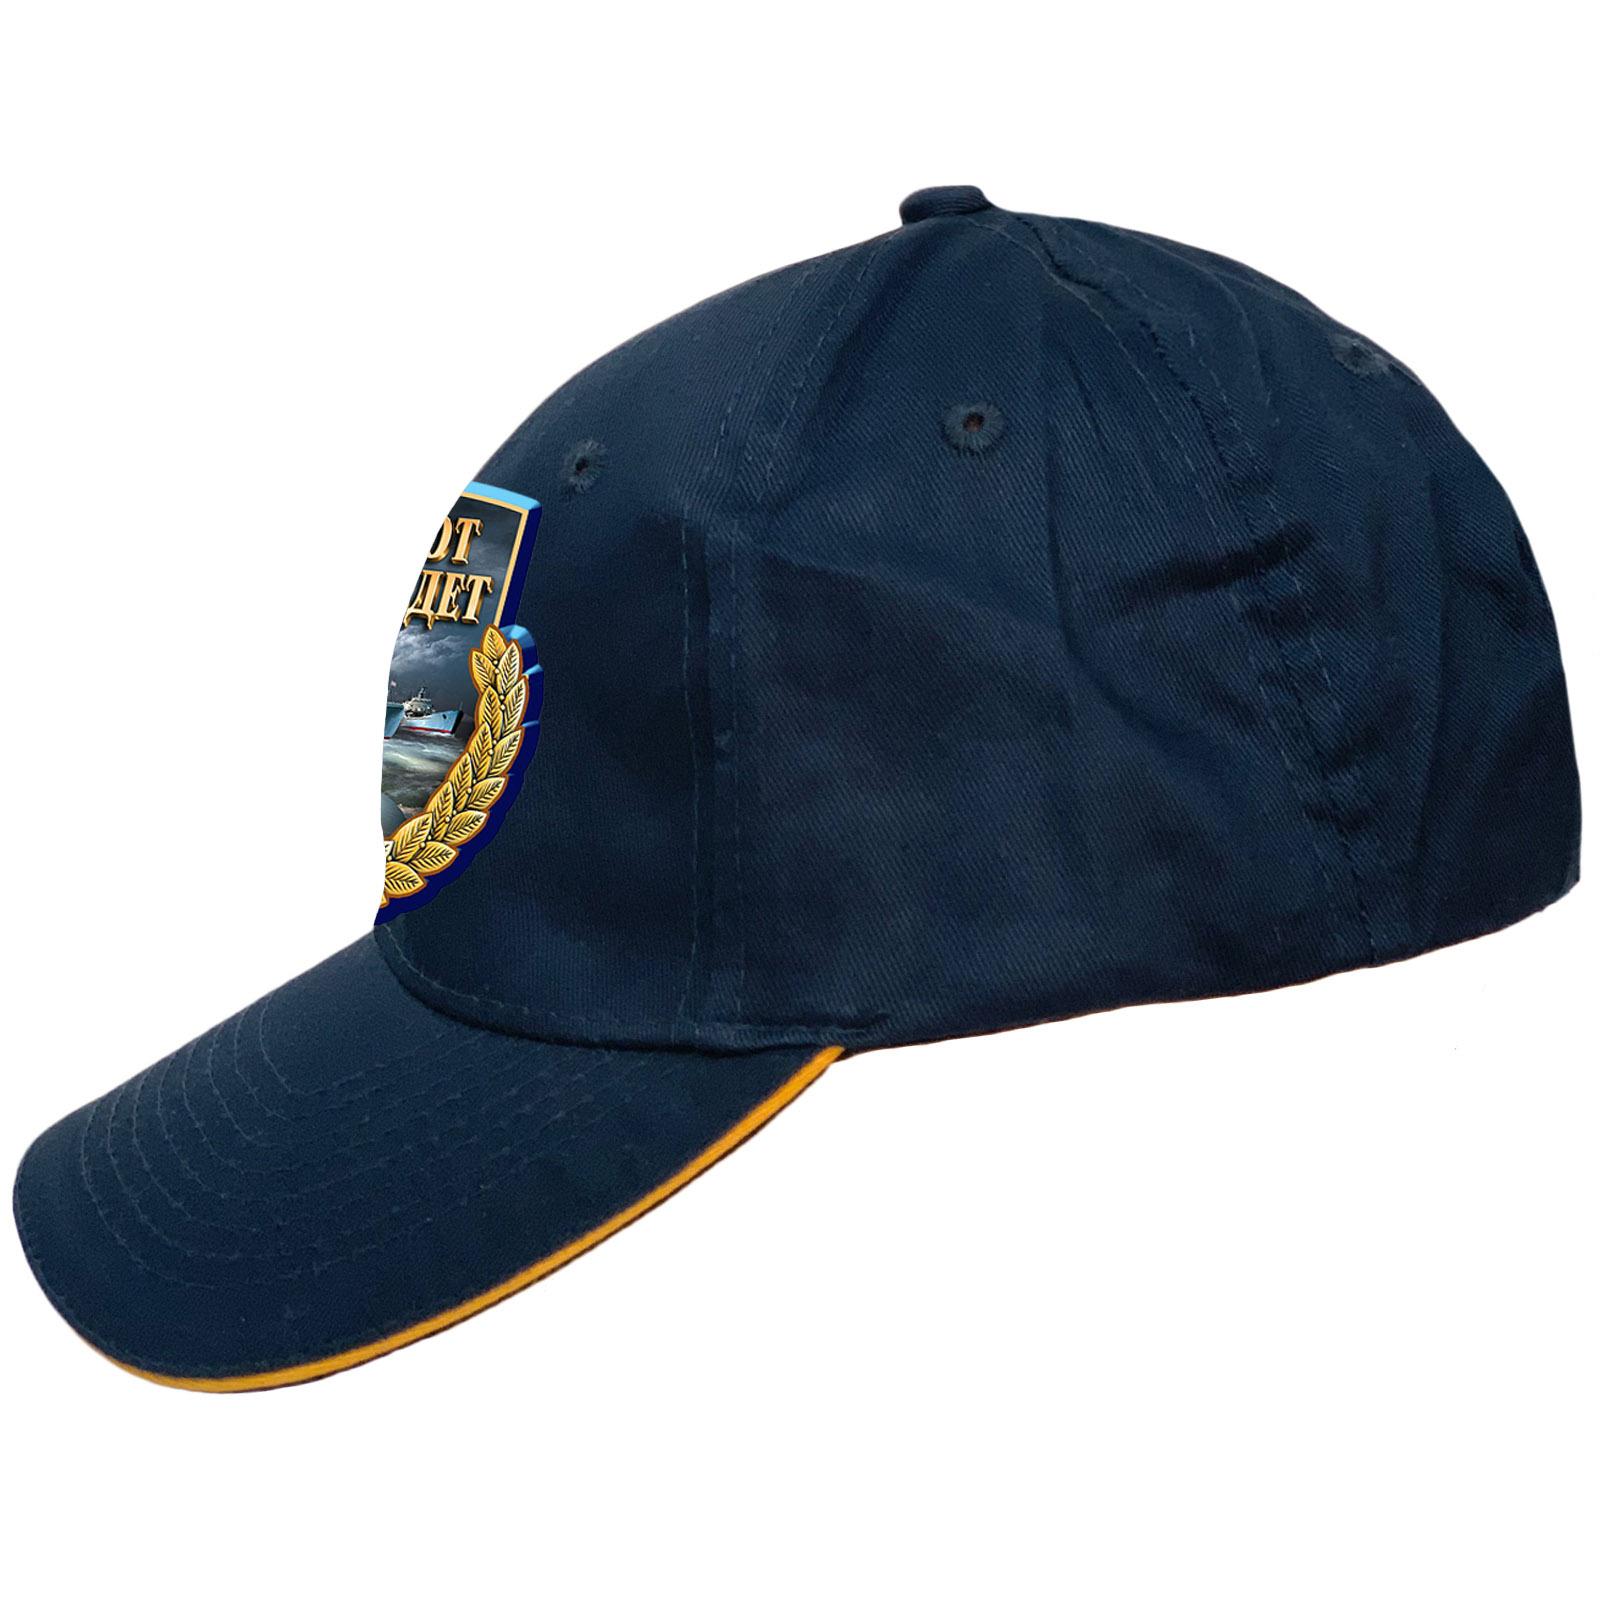 Купить кепку с принтом ВМФ, Балтийский флот